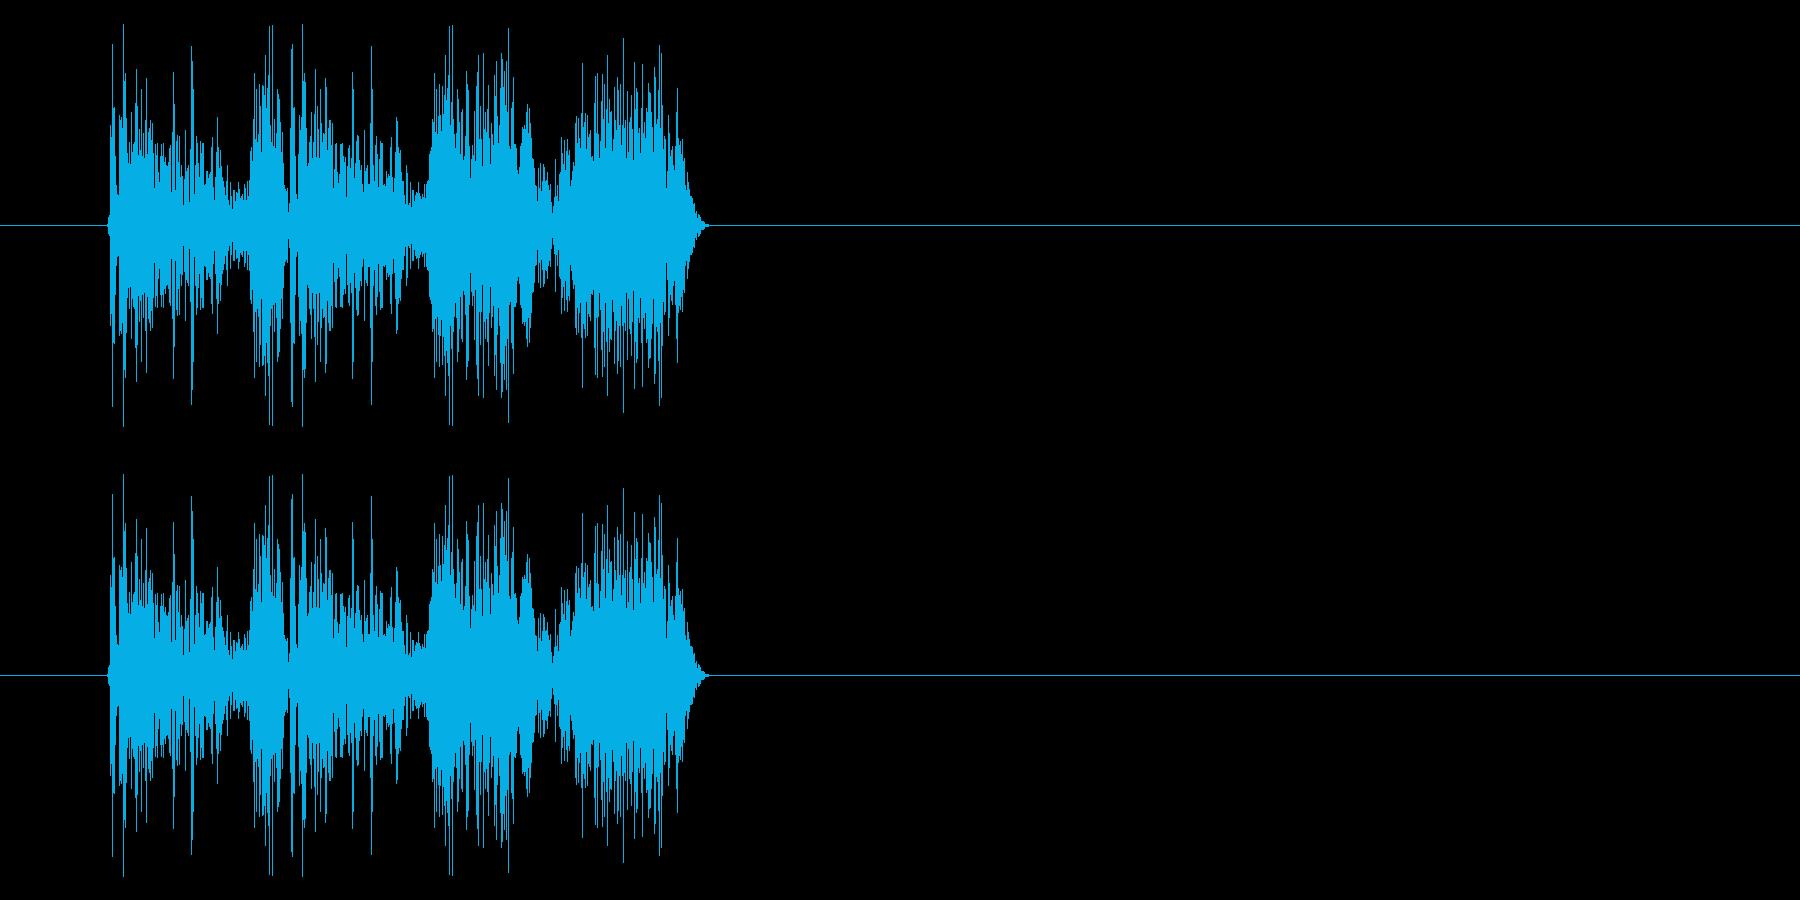 斬る04-2の再生済みの波形